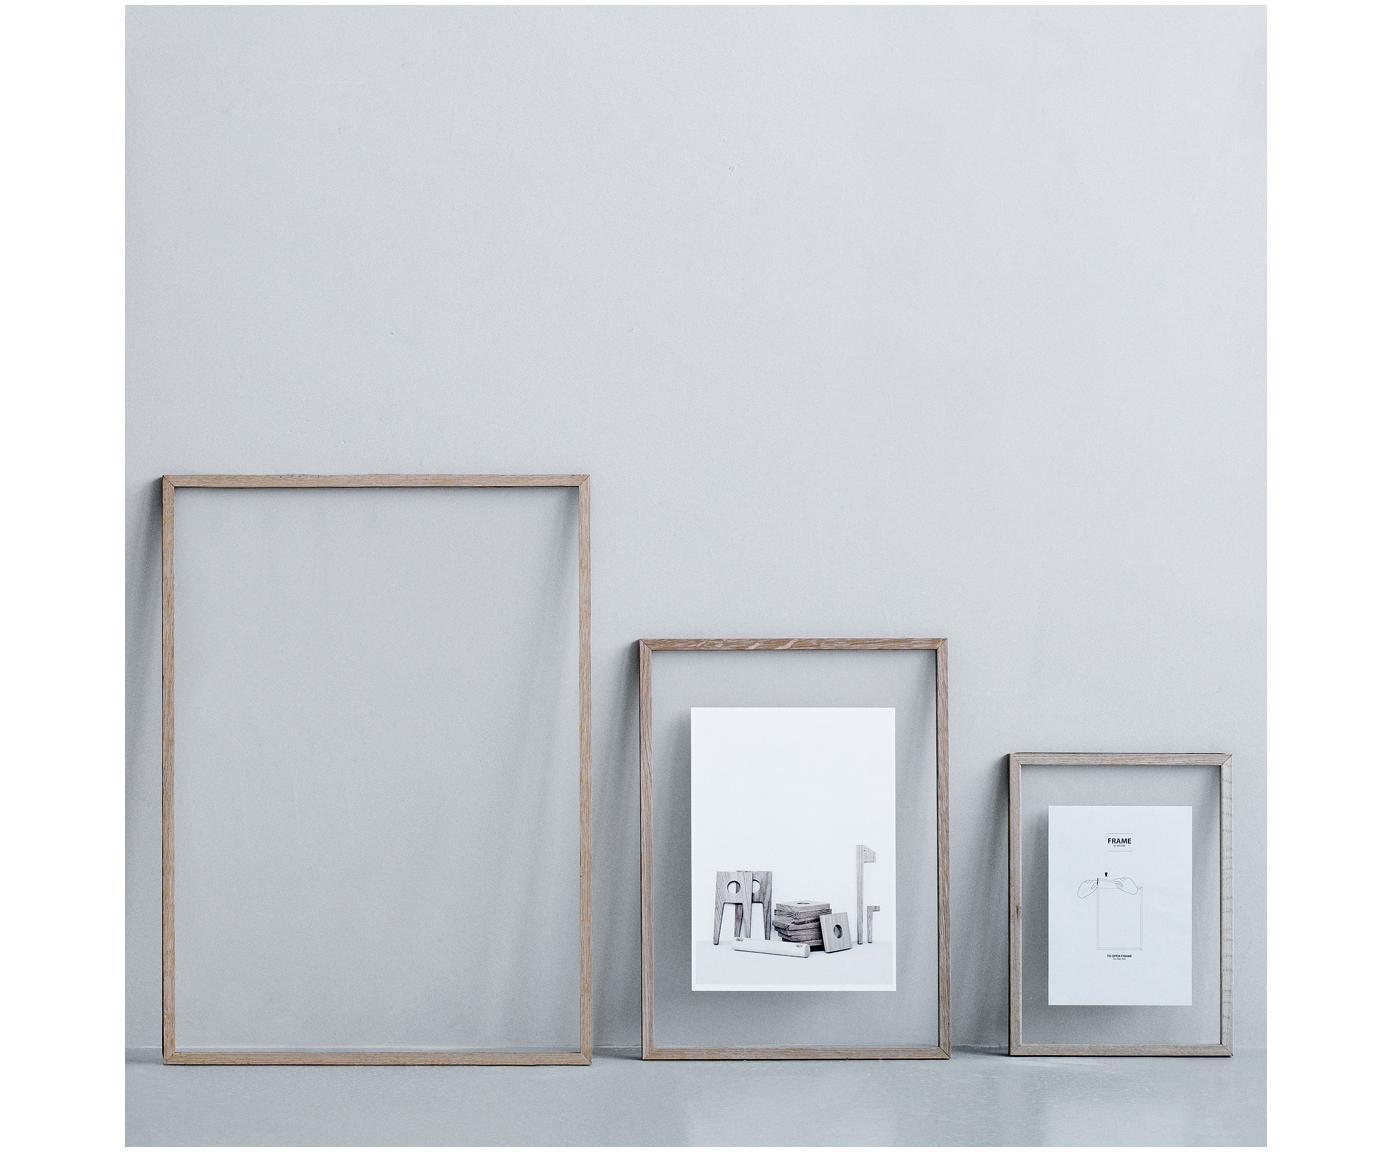 Fotolijst Frame, Frame: Eikenhout, onbehandeld, Frame: Eiken<br>Ophanging: Zwart<br>Voorkant en achterkant: Transparant, 17 x 23 cm